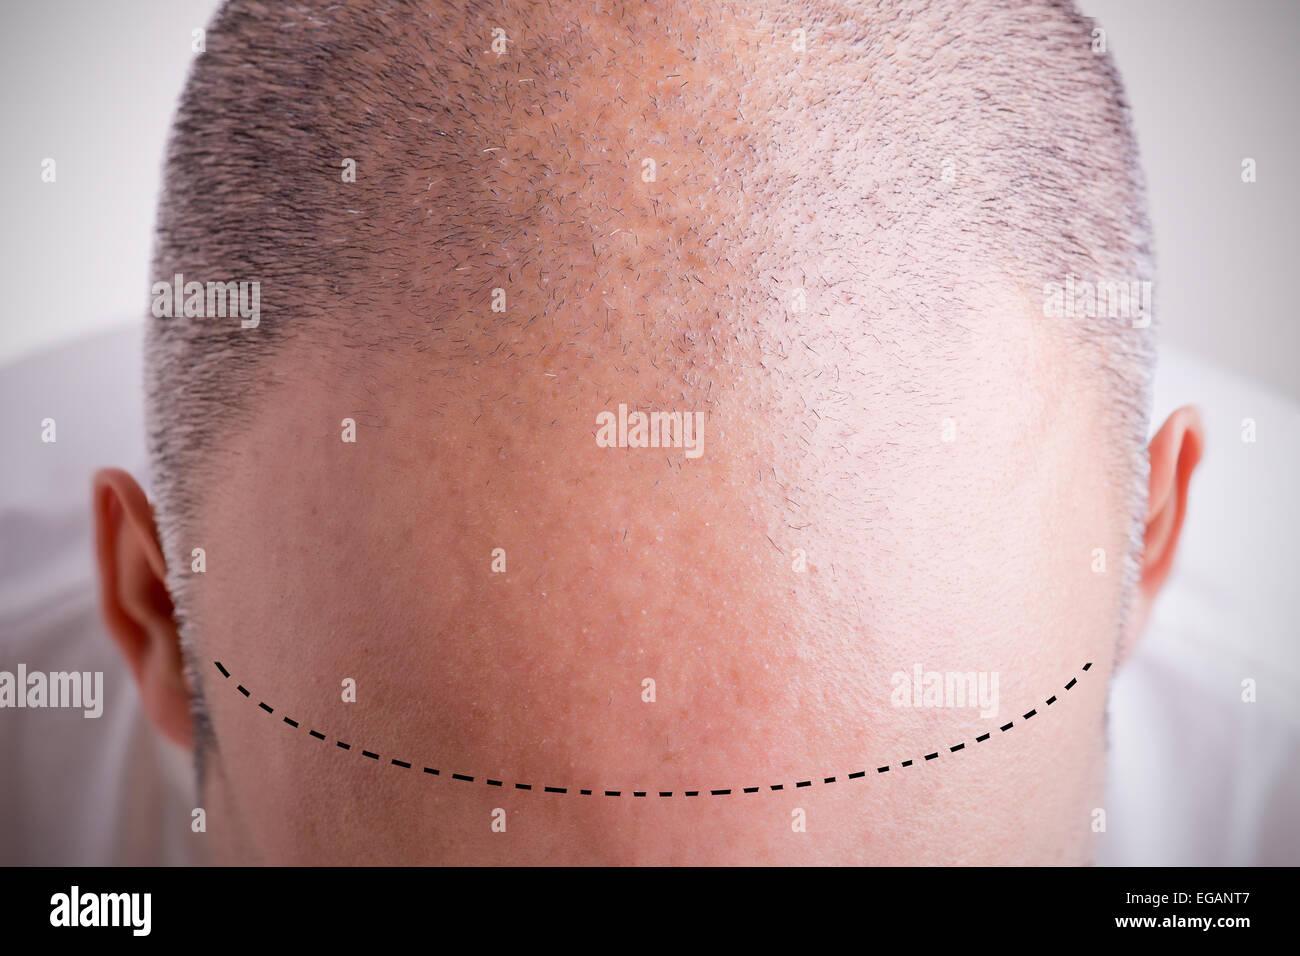 Vista dall'alto di uno degli uomini del capo con una sfuggente linea capelli con una netta linea di demarcazione Immagini Stock